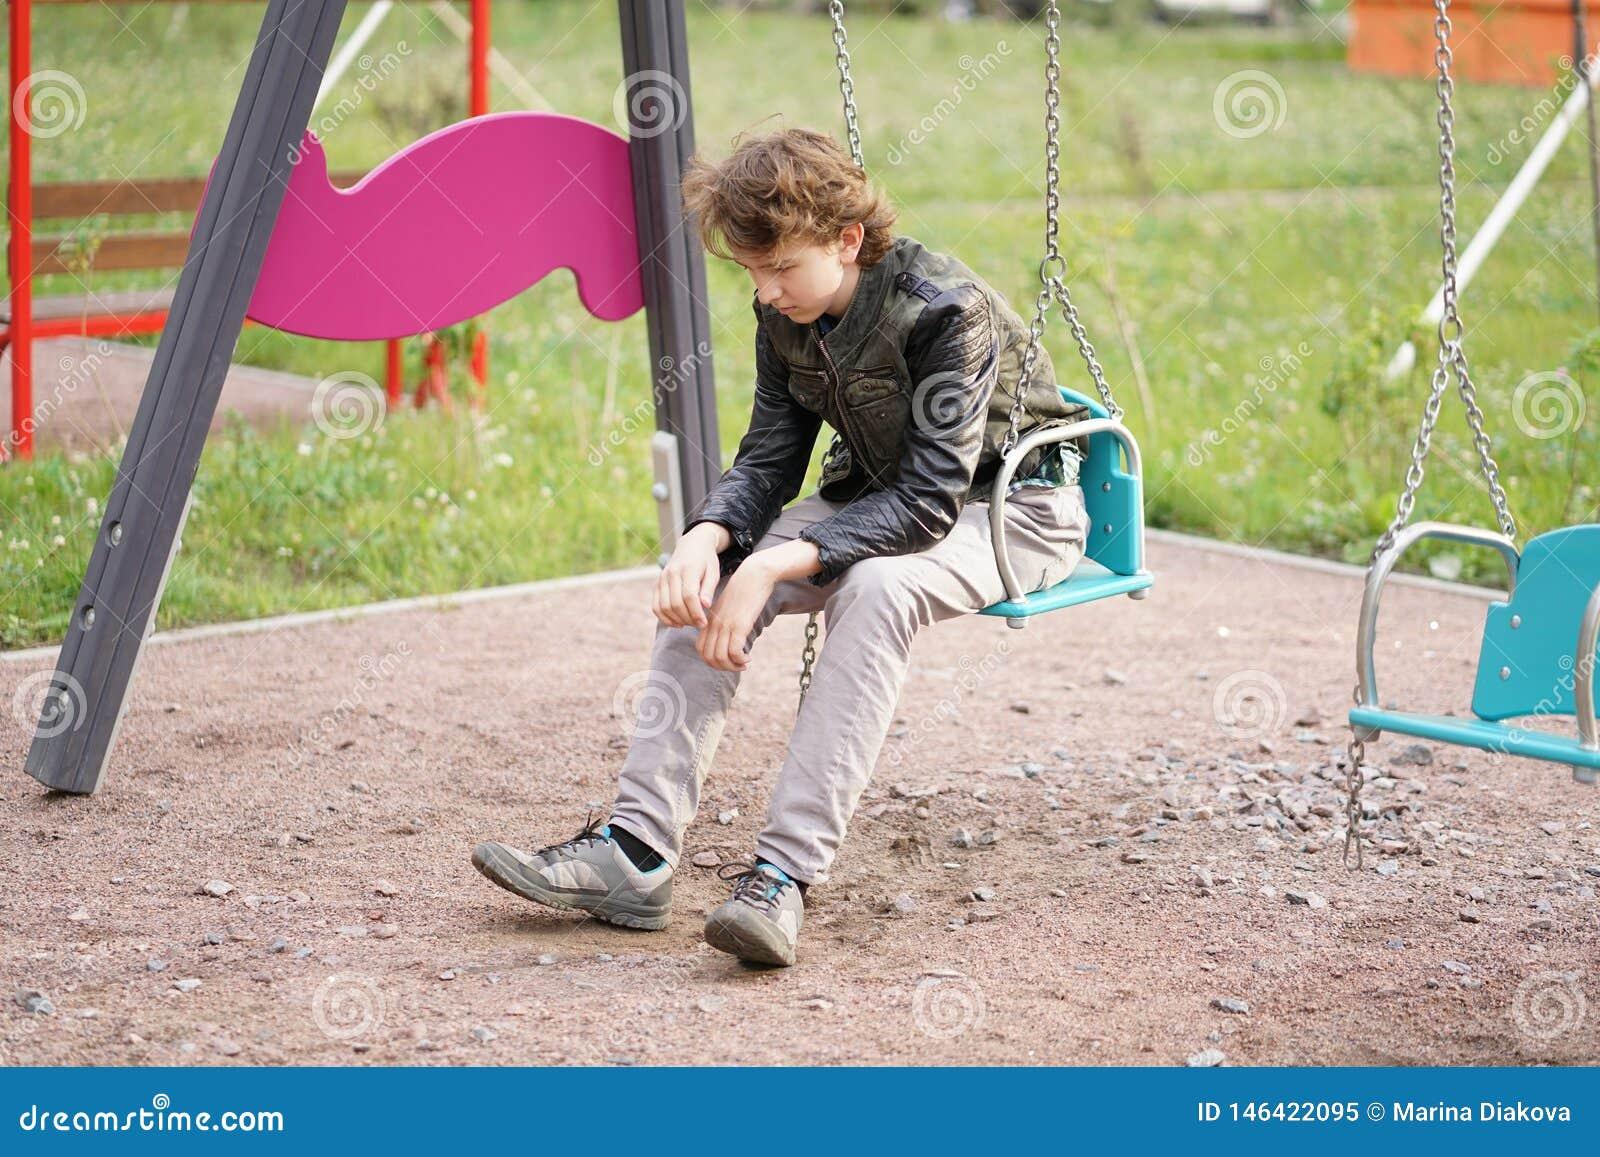 Λυπημένος μόνος έφηβος υπαίθριος στην παιδική χαρά οι δυσκολίες της εφηβείας στην έννοια επικοινωνίας